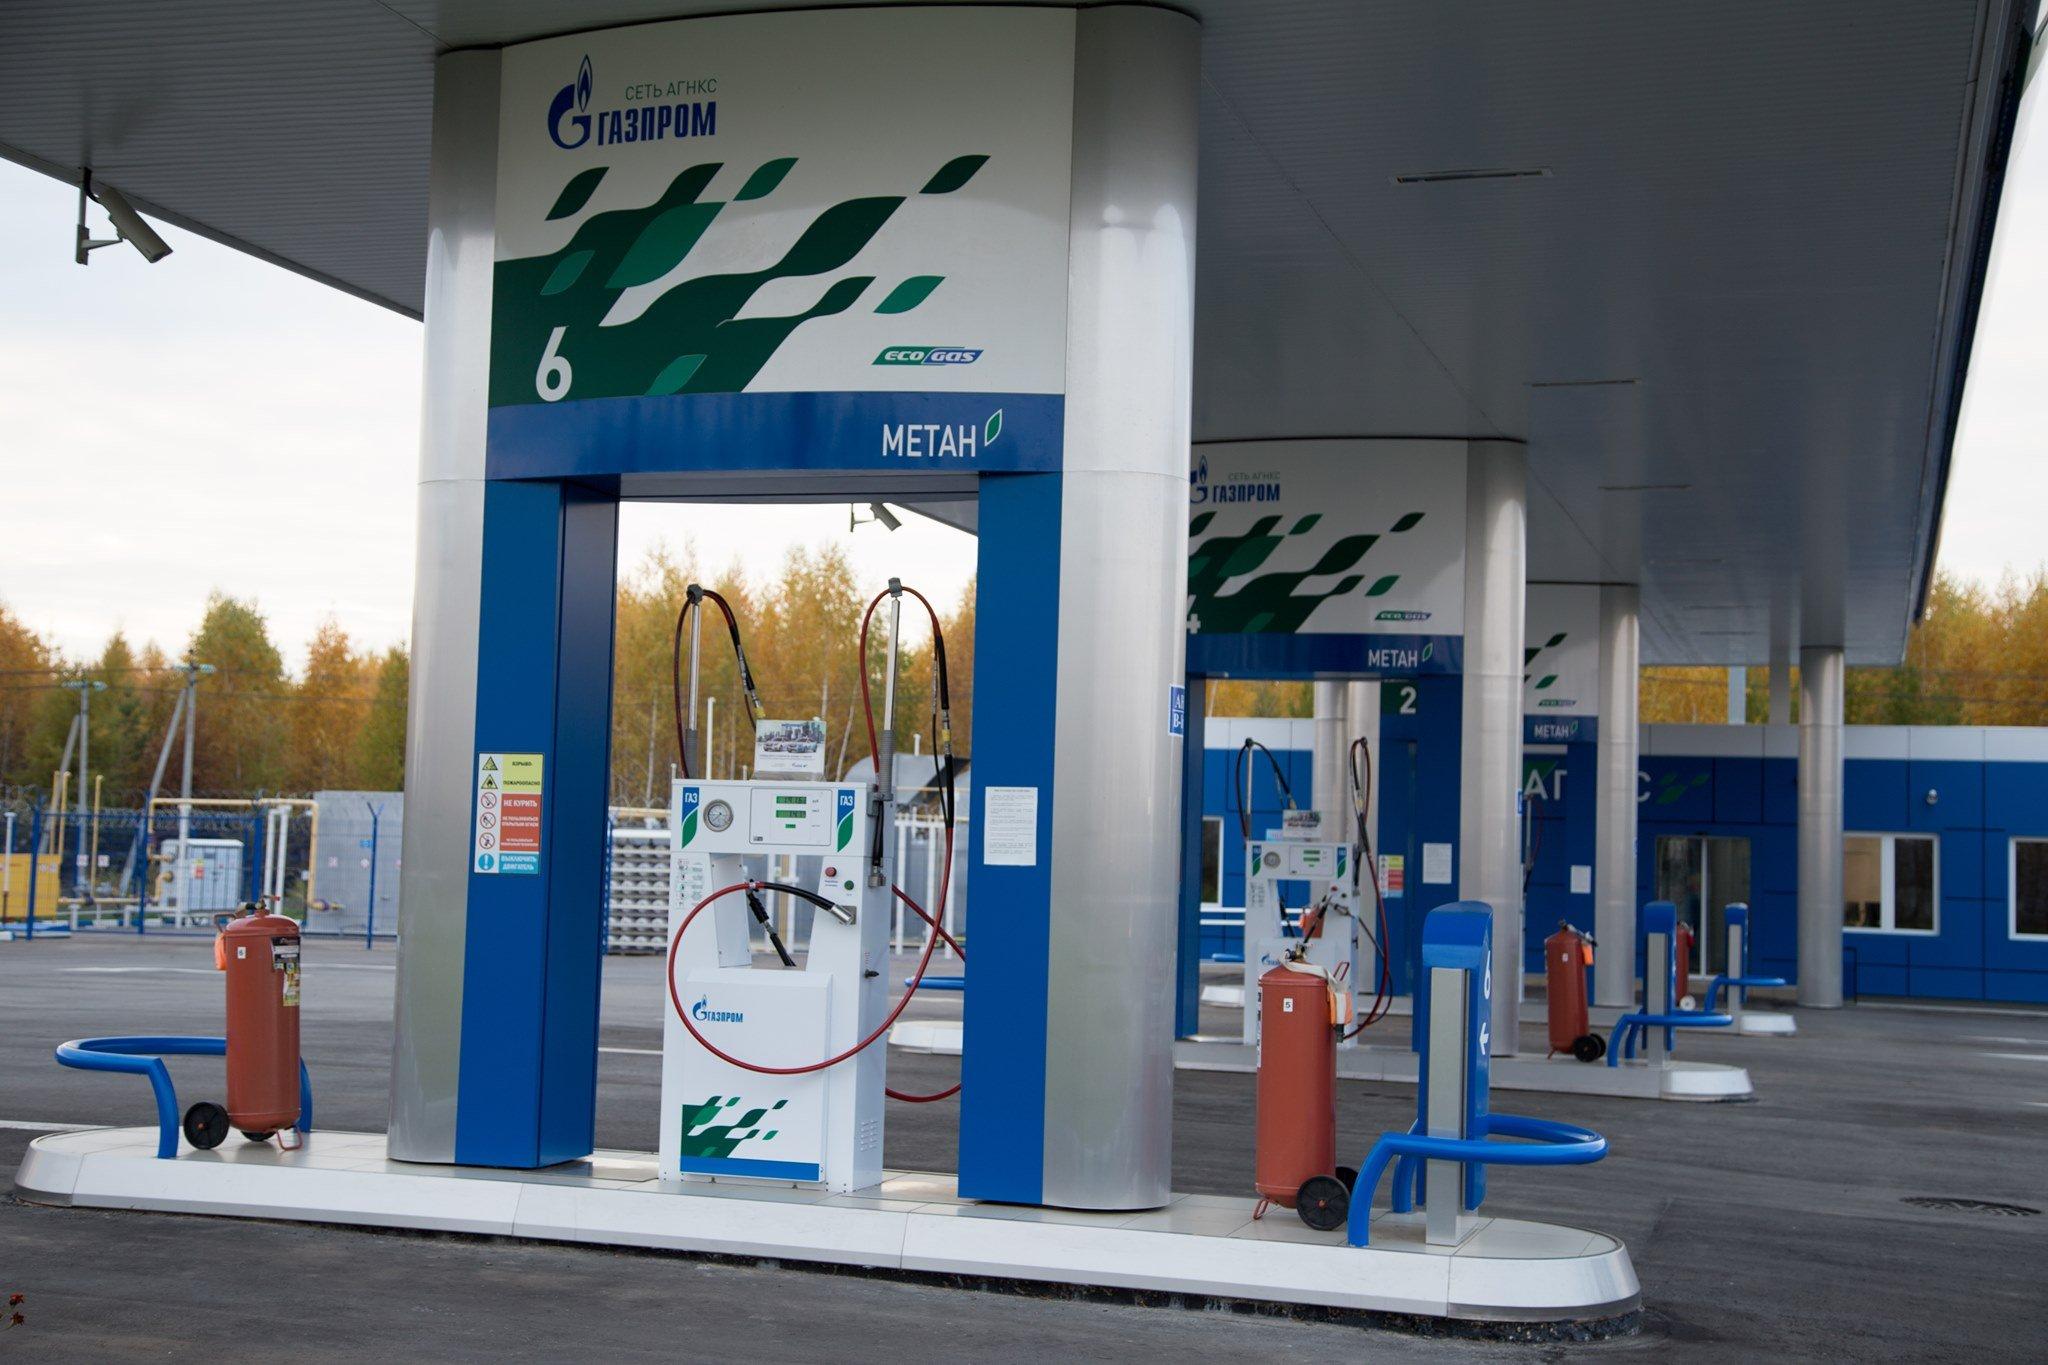 газомоторное топливо газпром картинки стали более прагматично